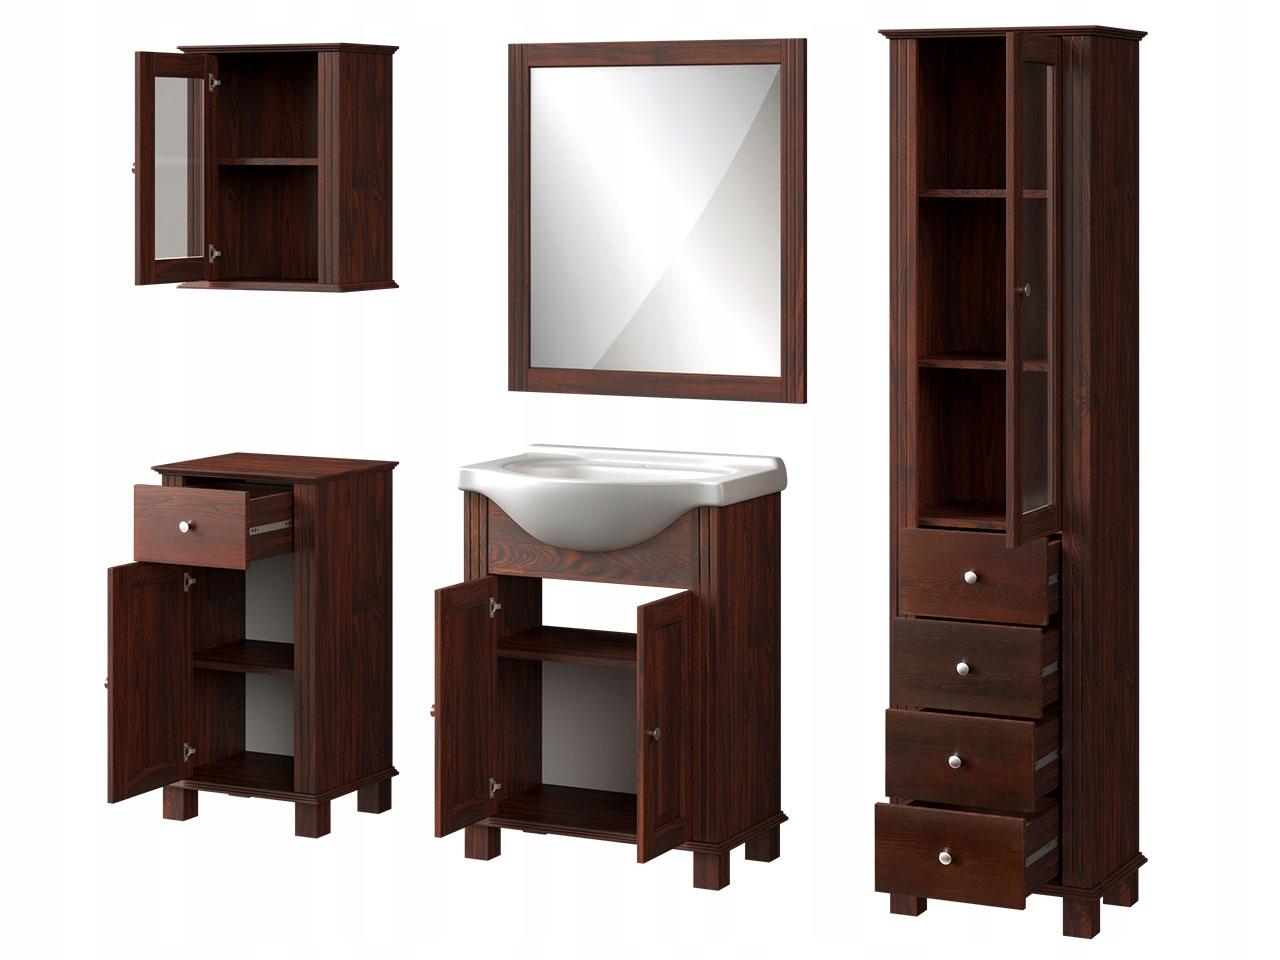 łazienka Retro 65 Meble Do łazienki Umywalka 7557957892